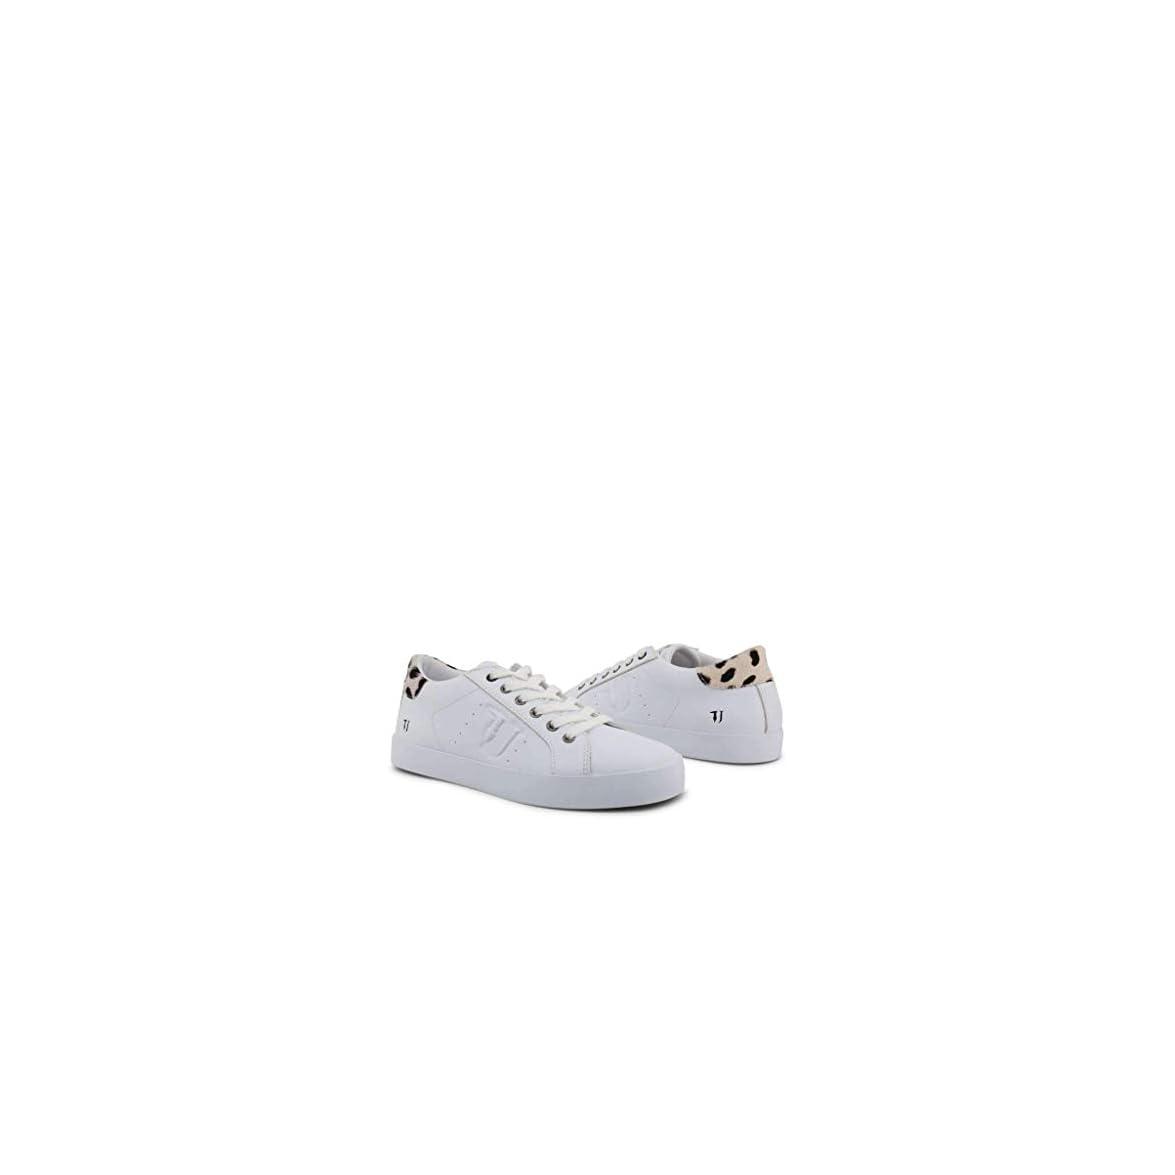 Scarpe Basse Sneakers Donna Bianco 79a00255 - Trussardi